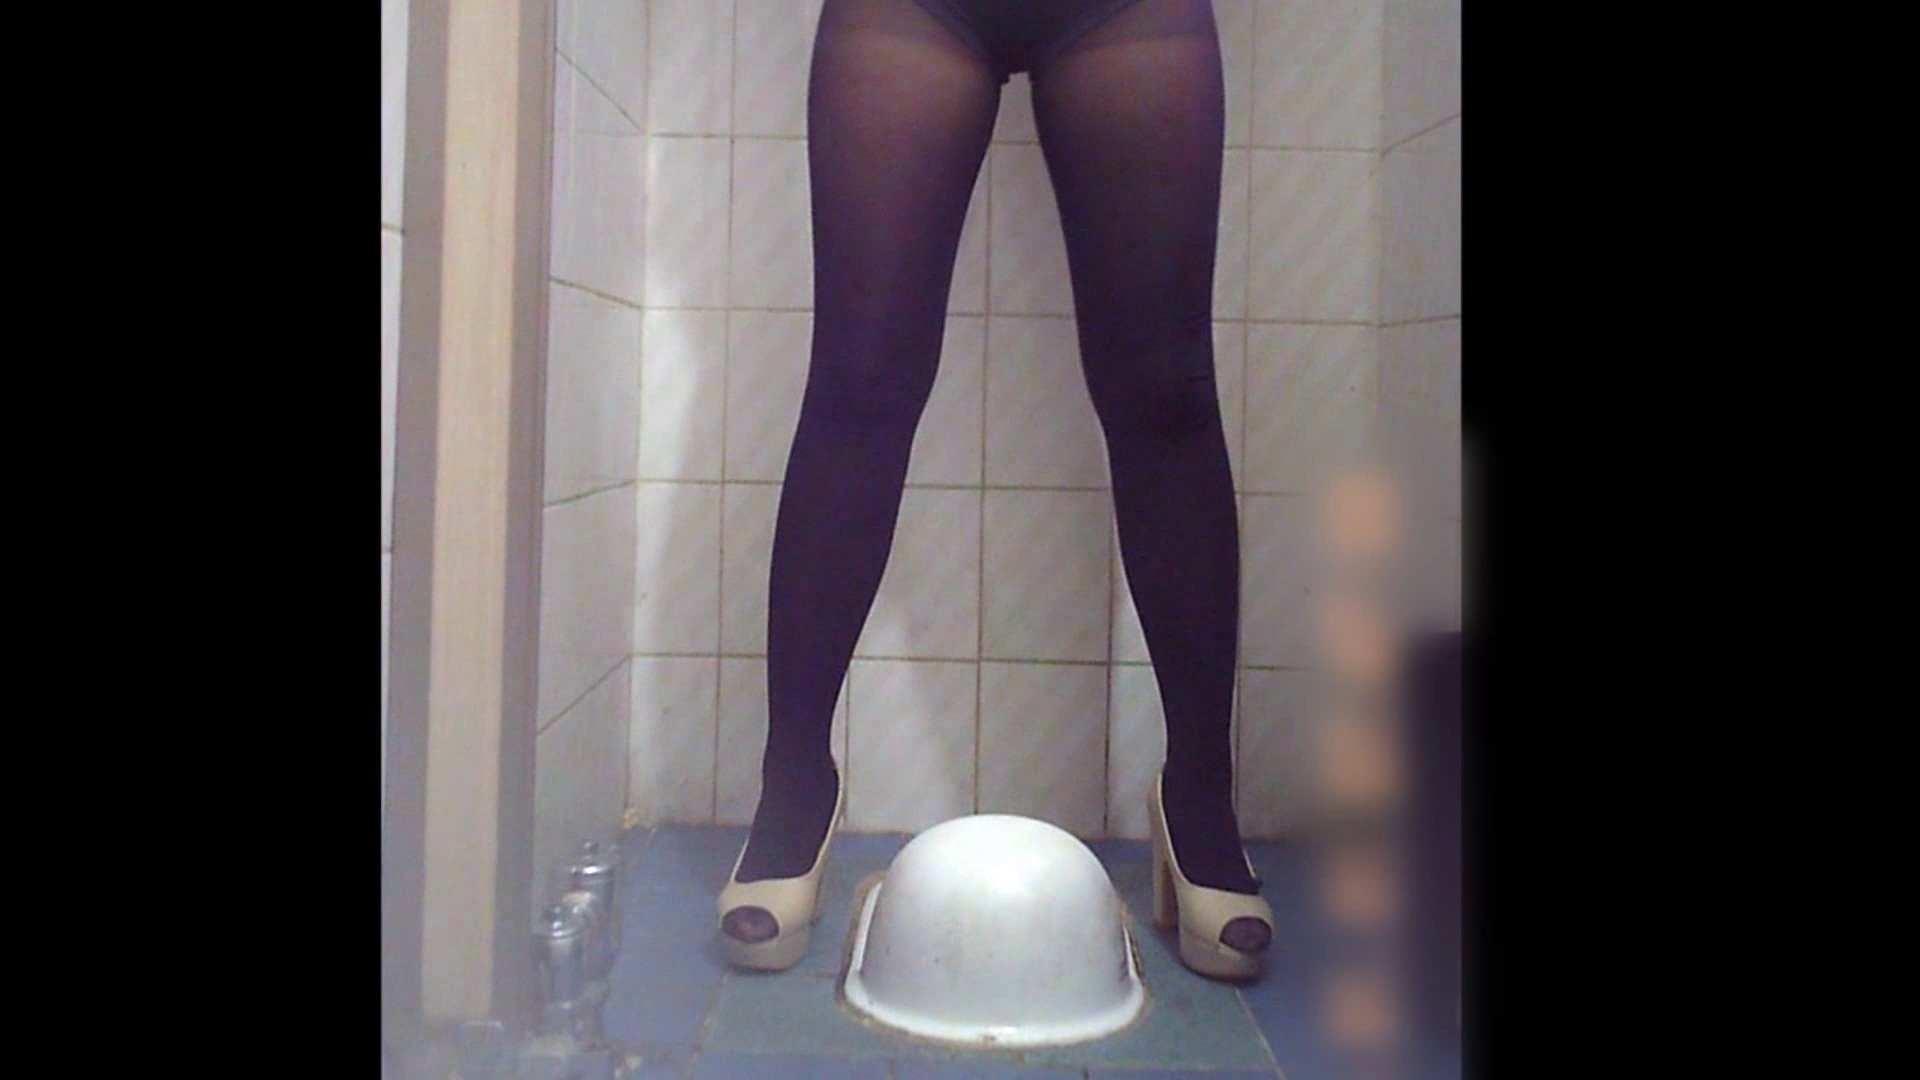 潜入!!韓国秘密のトイレ!Vol.11 OLの実態 | 女子トイレのギャル  35pic 1